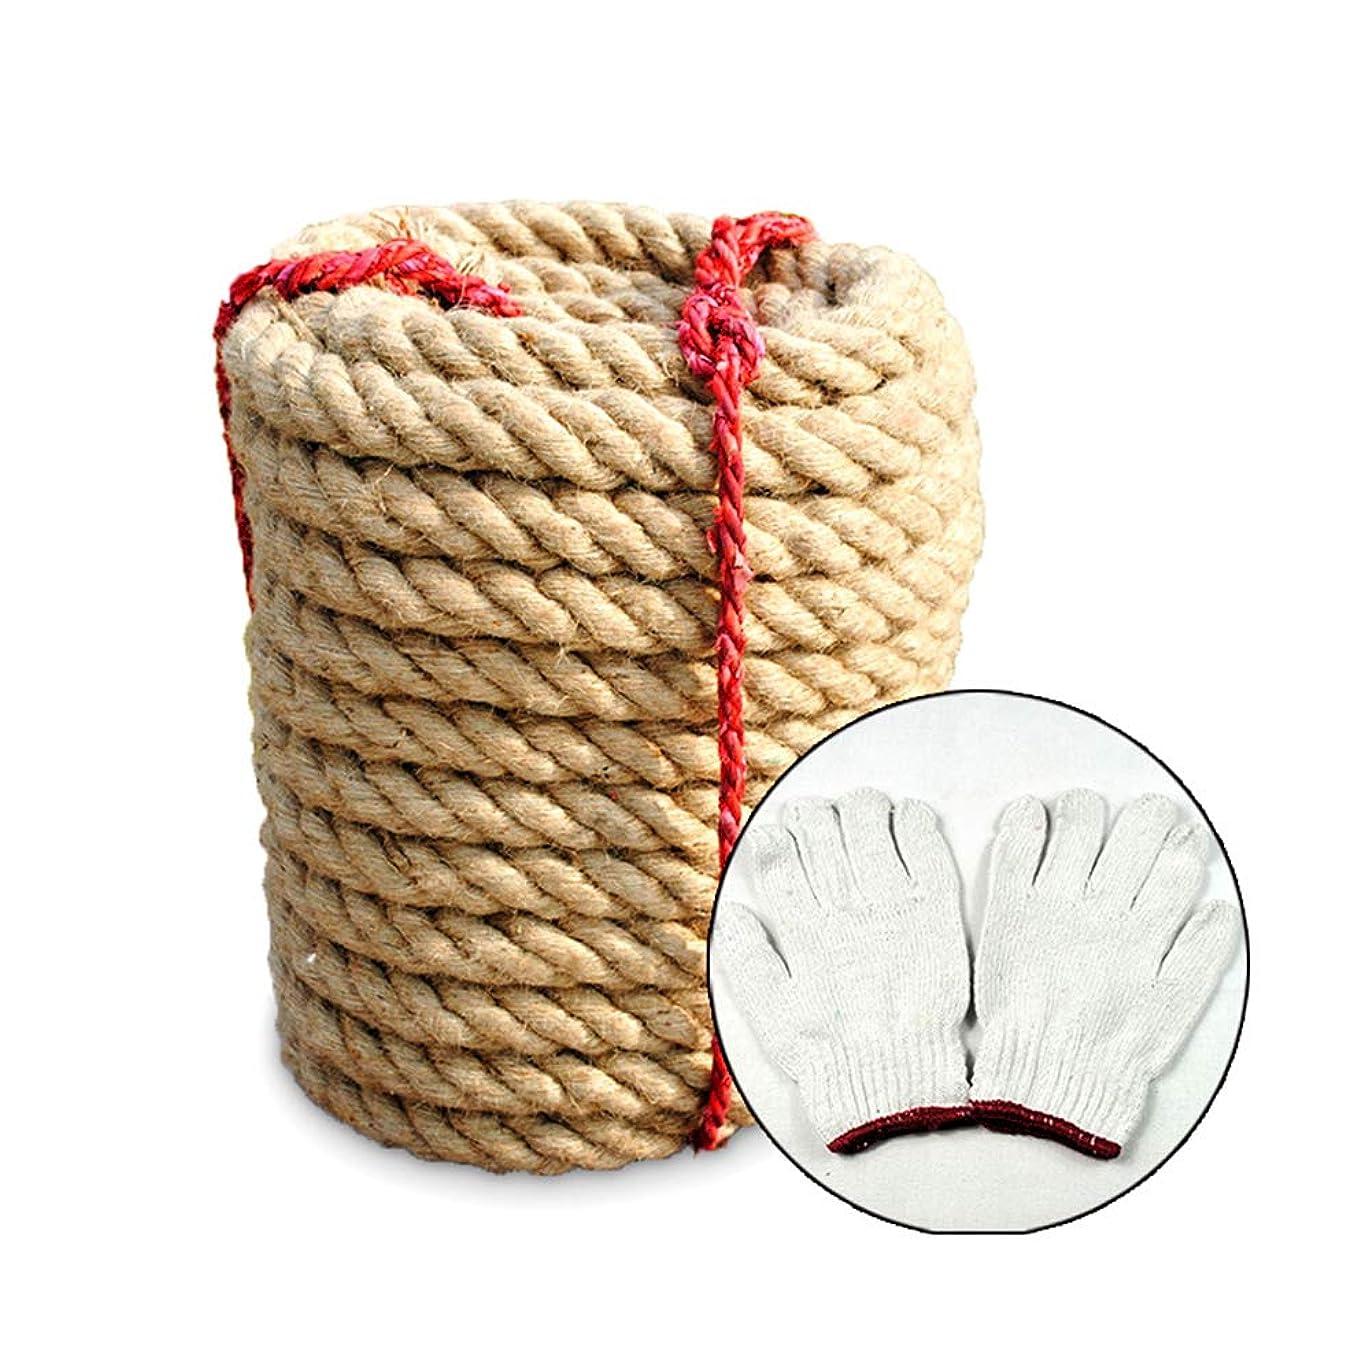 ポンペイにエスカレーター自然なジュー??トロープ、登山、屋外スポーツおよび庭のデッキのための30/40 MMの頑丈なねじれた麻ロープ,4cm/40m